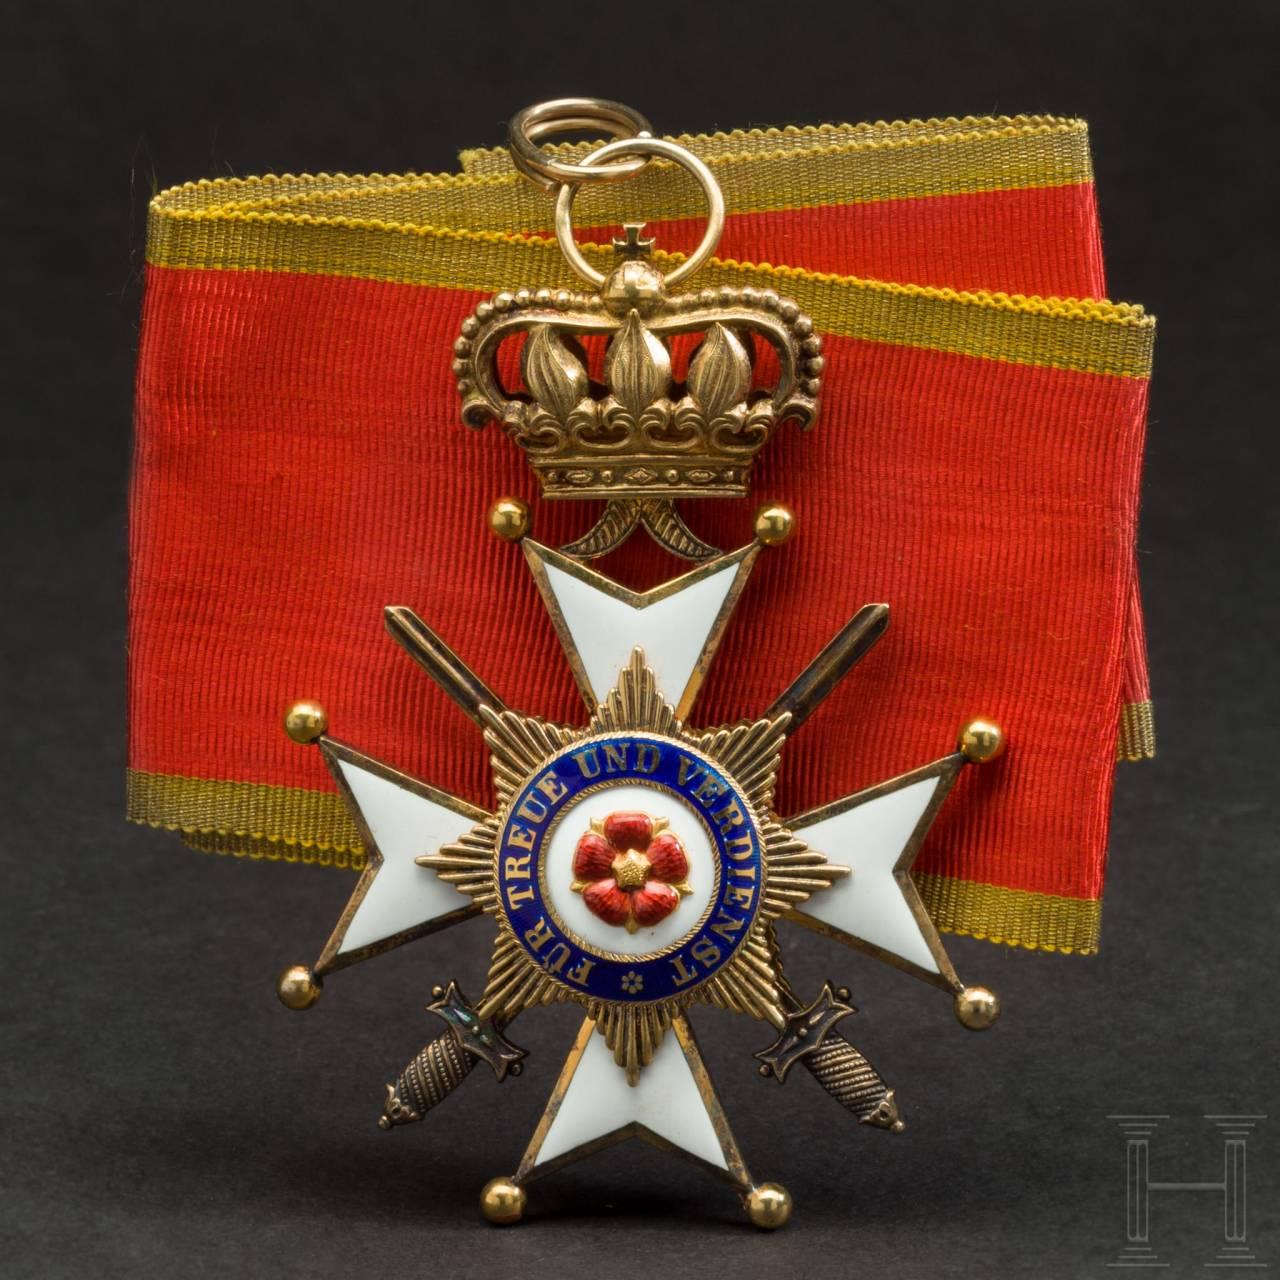 Wilhelm Freiherr von Leonrod - Kreuz 1. Klasse mit Schwertern des Lippe-Detmolder Ordens vom Ehrenkreuz 1918 im Verleihungsetui